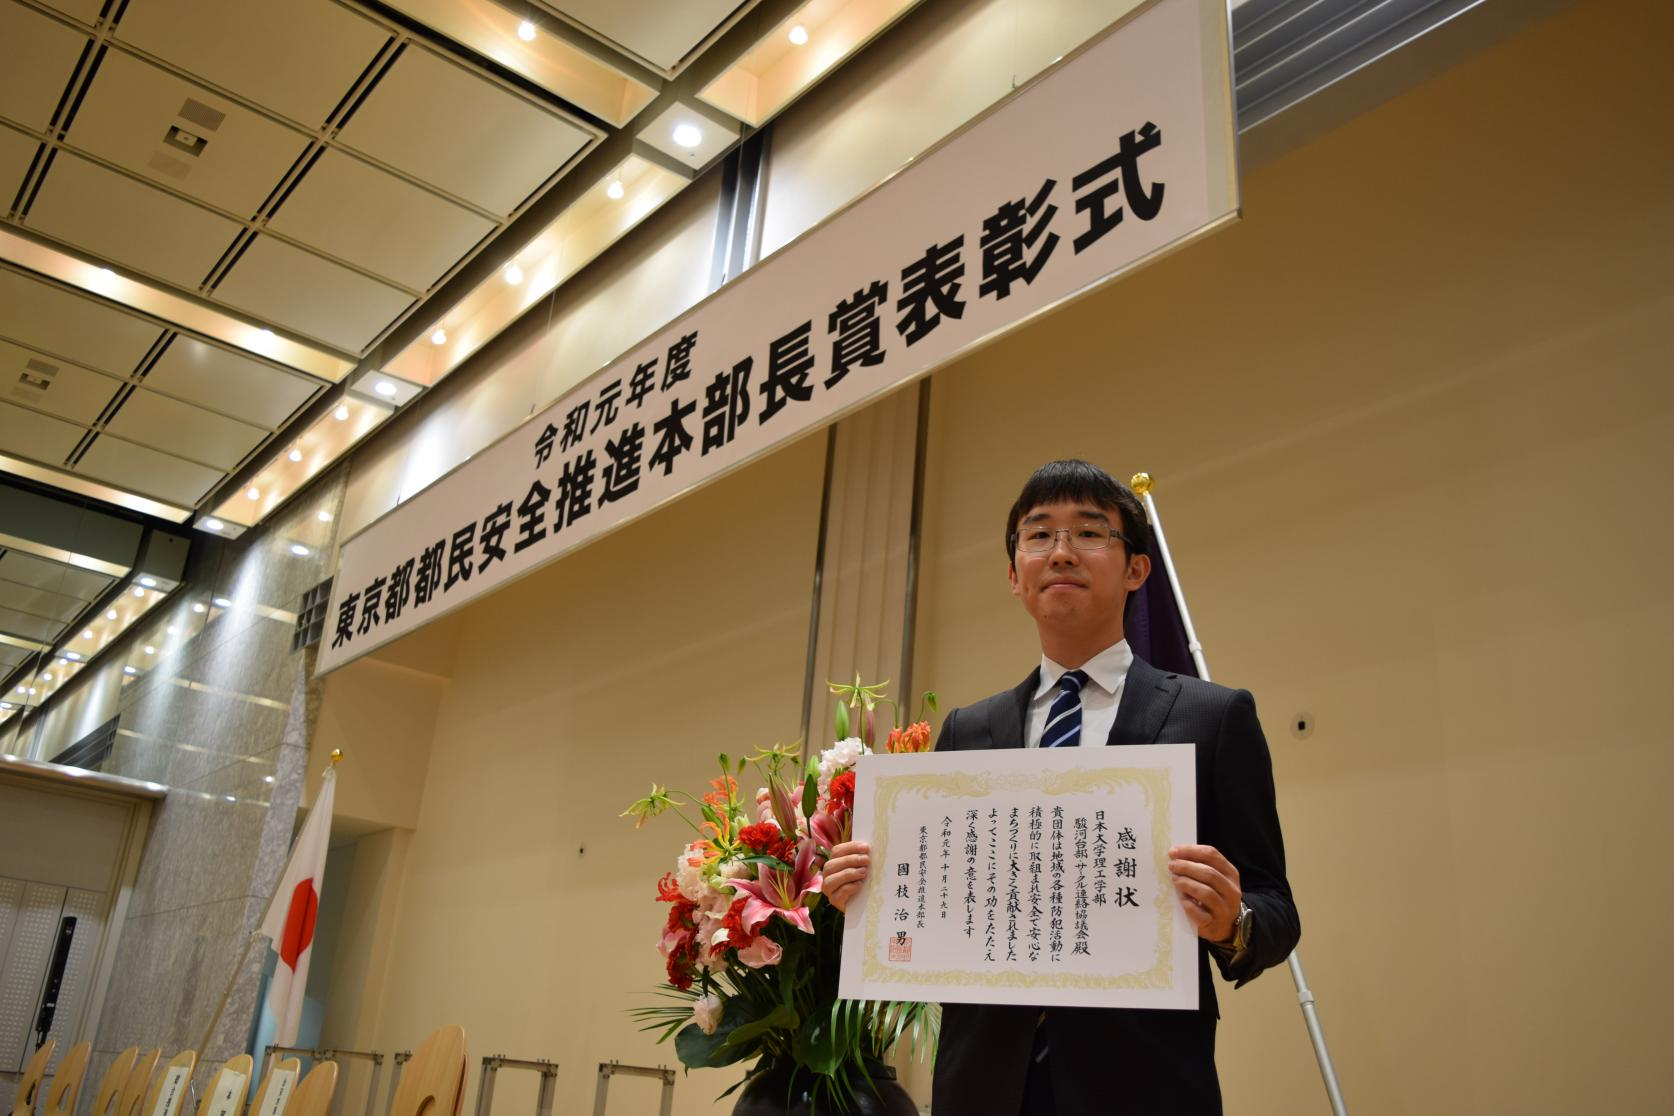 「日本大学理工学部駿河台部・サークル連絡協議会」が東京都都民安全推進本部長賞を受賞しました。